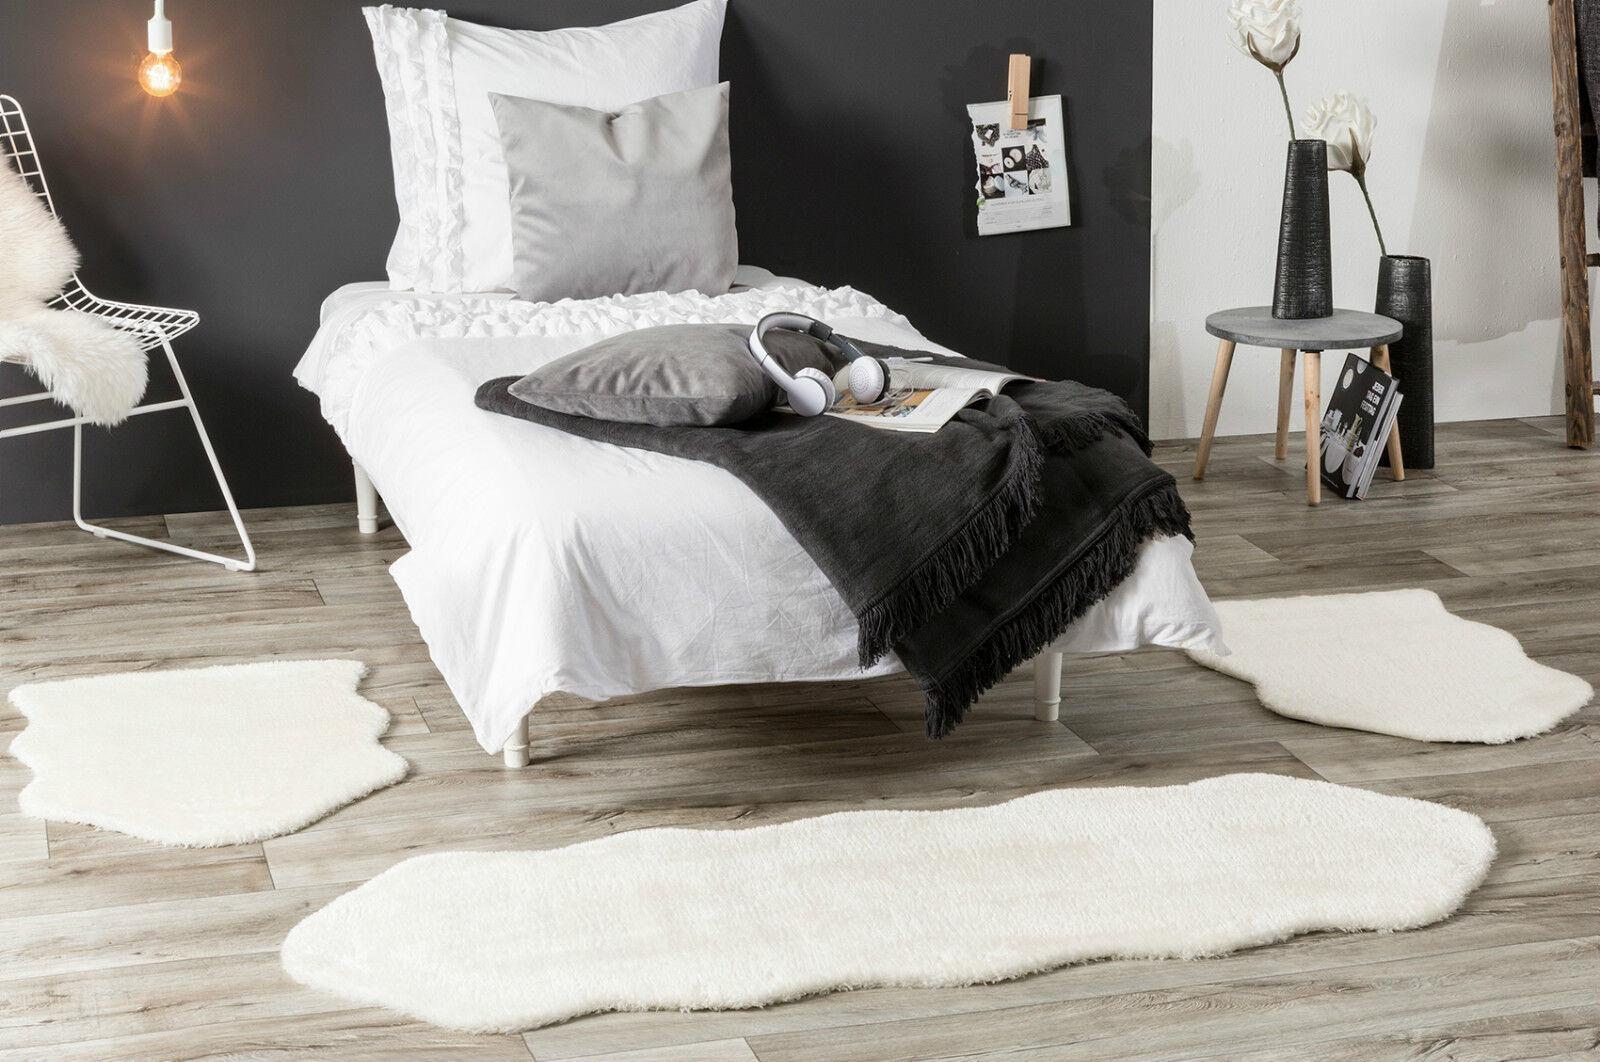 Bettumrandung Schaffell Bettvorleger Kunstfell Schlafzimmer